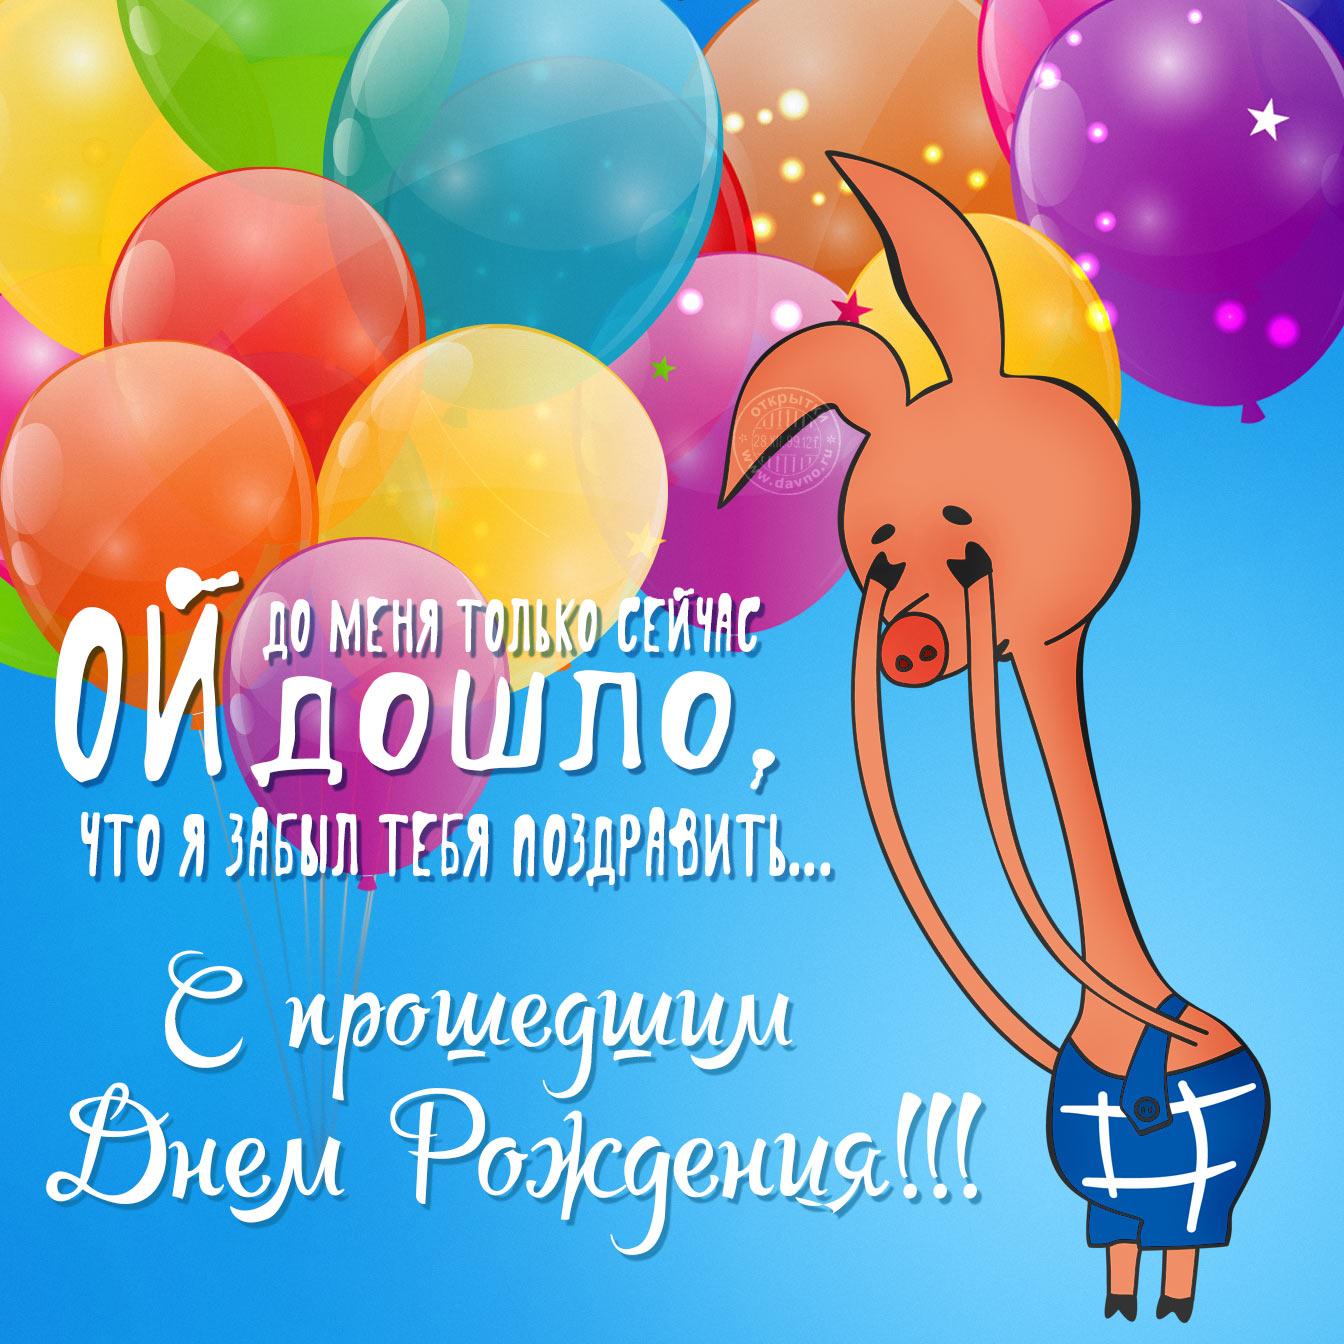 Сделать, мобильные открытки с днем рождения женщине